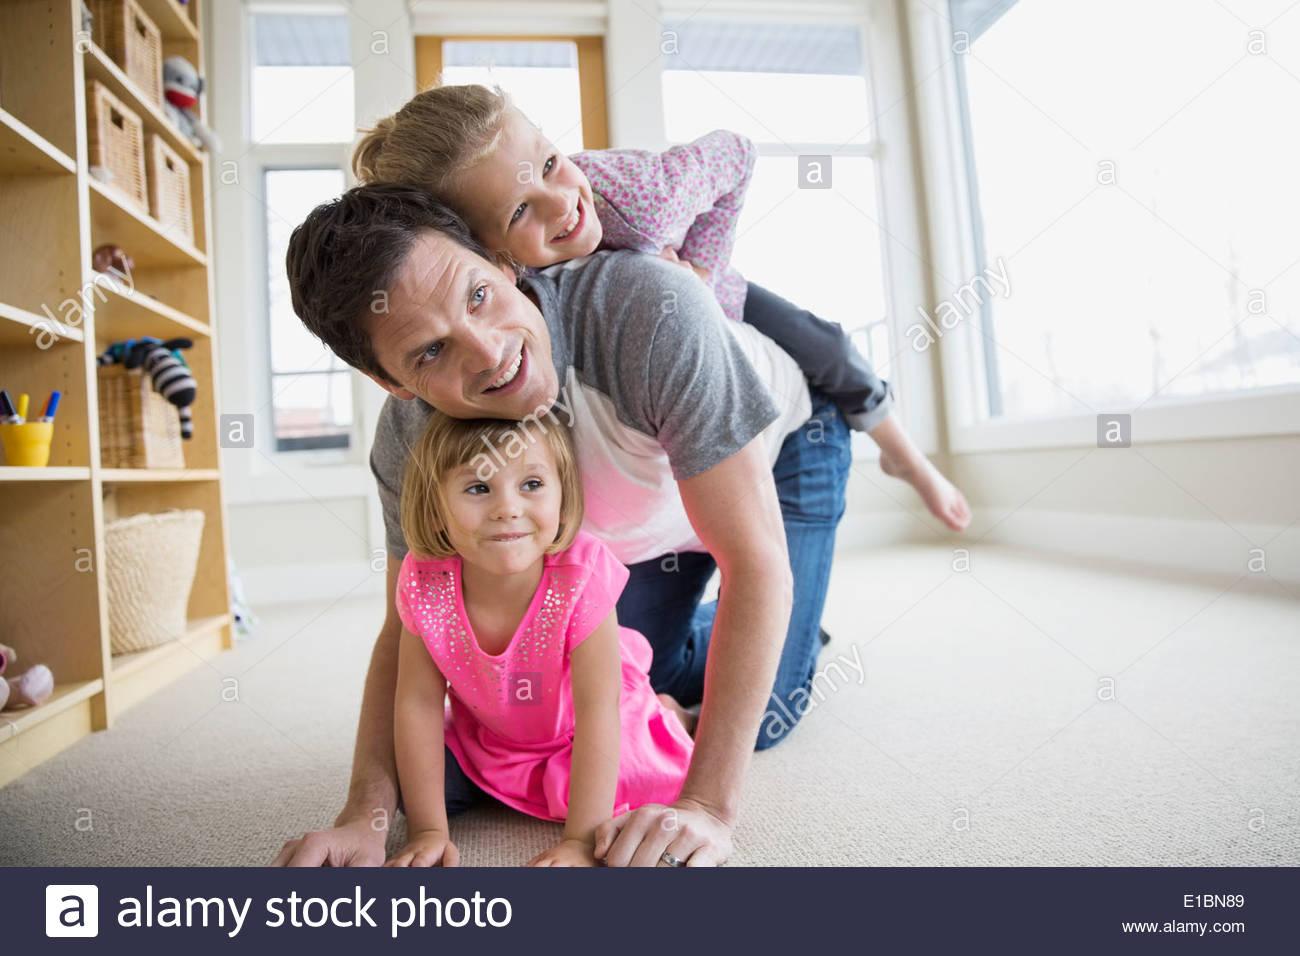 Padre e hijas jugando en el salón Imagen De Stock